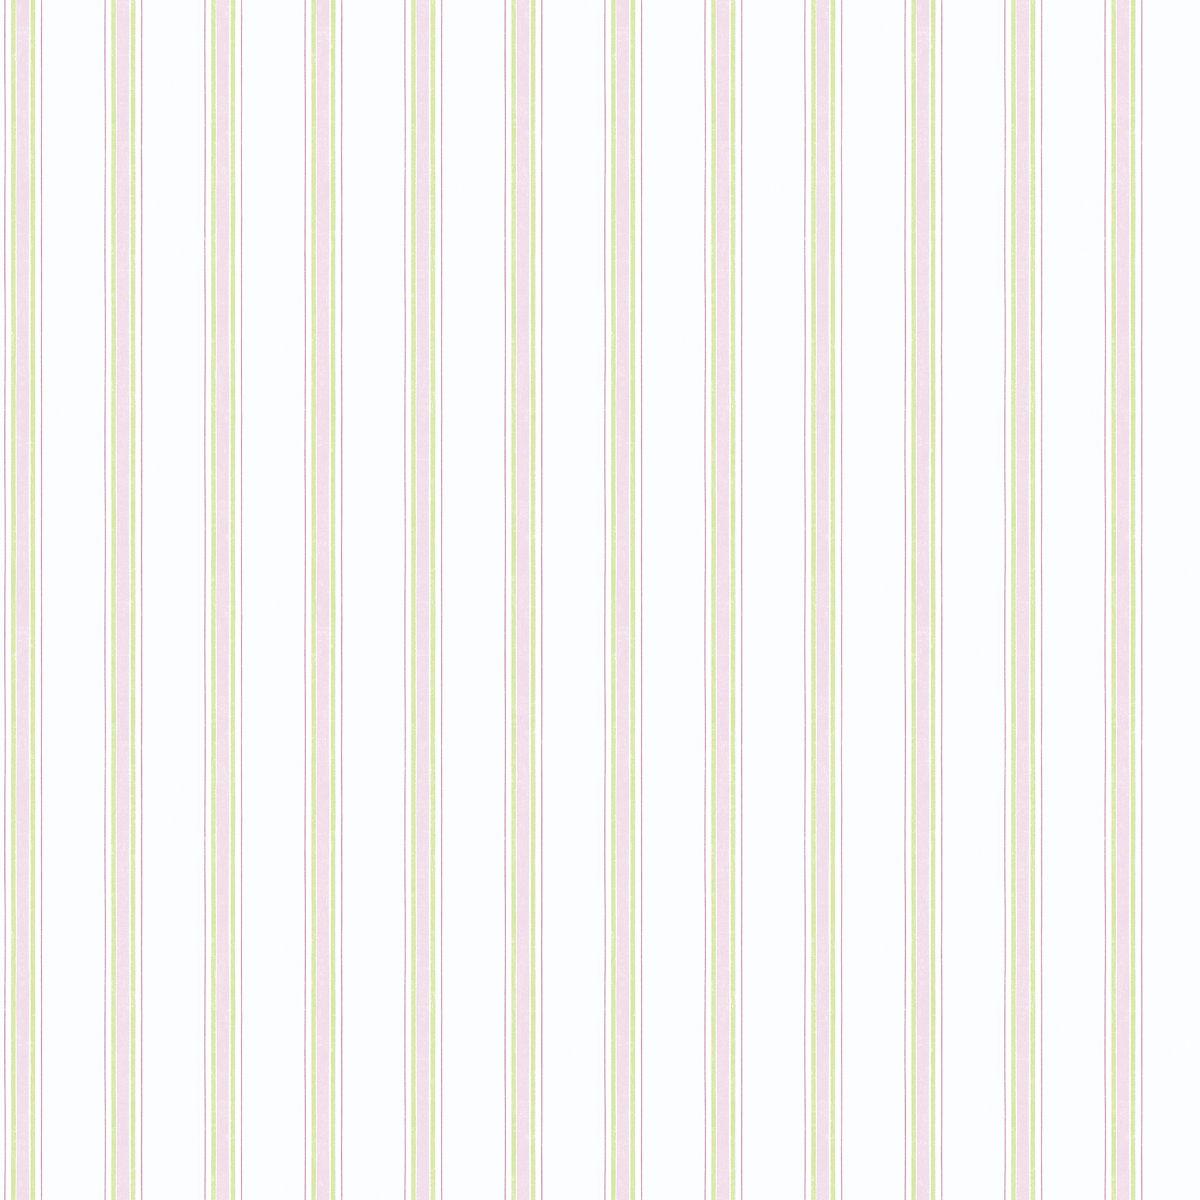 Full Size of Hochwertige Tapeten Und Stoffe Landhaus Tapete Floral Prints Regal Landhausstil Sofa Wohnzimmer Küche Bett Wandregal Landhausküche Esstisch Schlafzimmer Wohnzimmer Küchentapete Landhaus